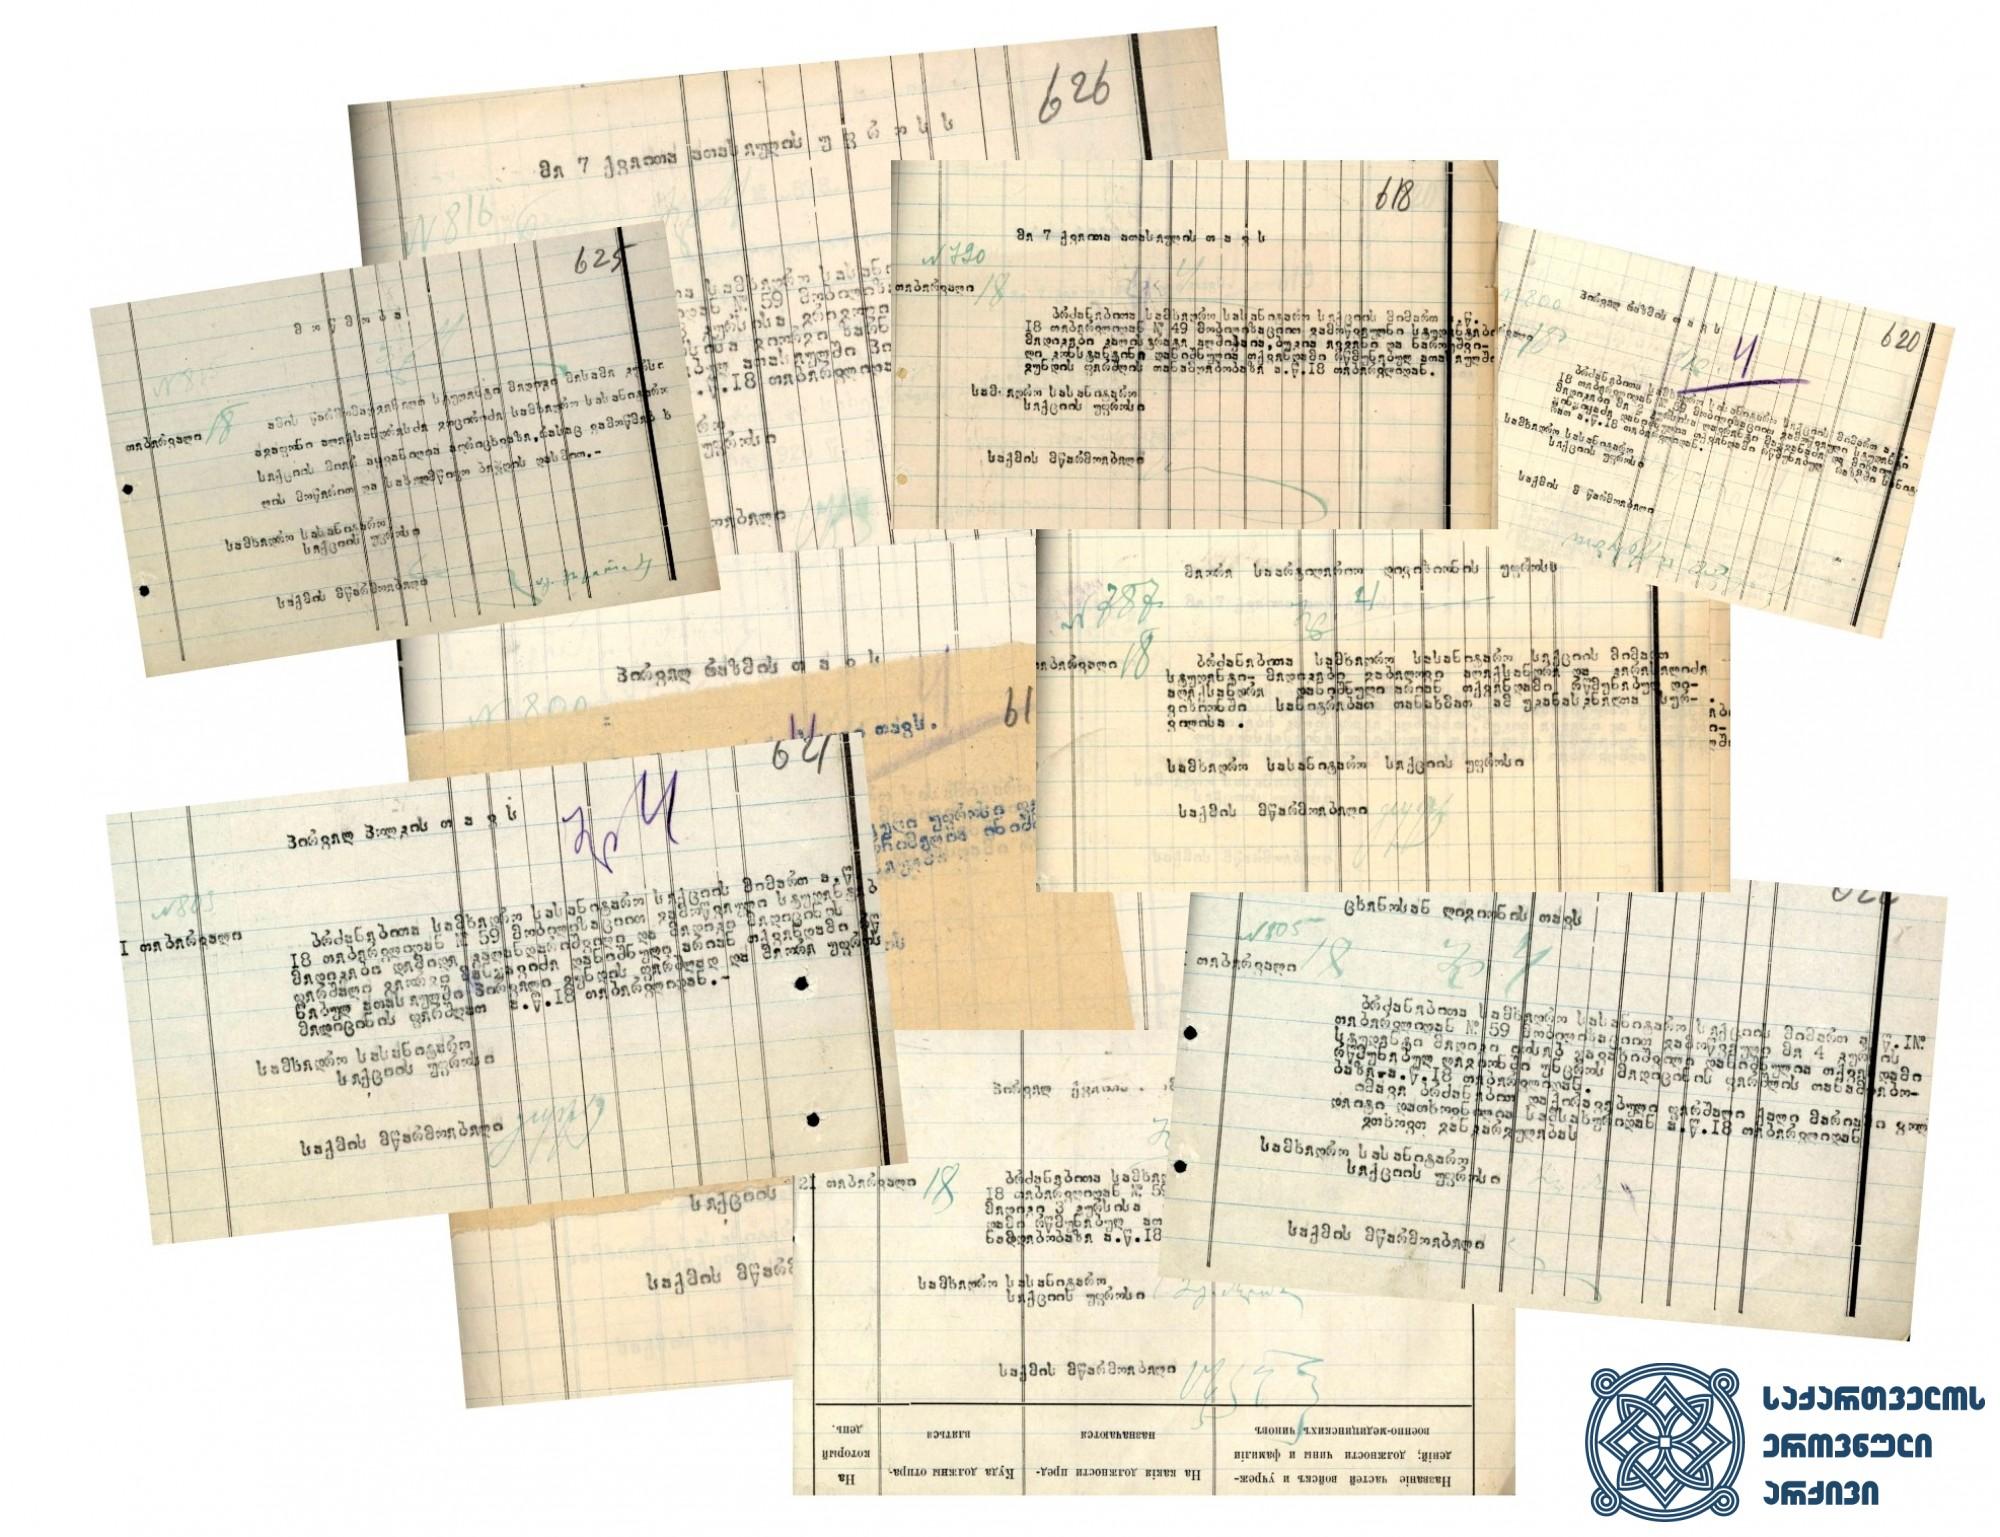 ცნობები ომის დროს თბილისის სახელმწიფო უნივერსიტეტის სამედიცინო ფაკულტეტის სტუდენტების სანიტარულ რაზმში ჩაწერის შესახებ. <br> 1921 წლის 18 თებერვალი. <br> Information about the enrollment of students of the medical faculty of the Tbilisi State University in the sanitary detachmentduring the war. <br> February 18, 1921.